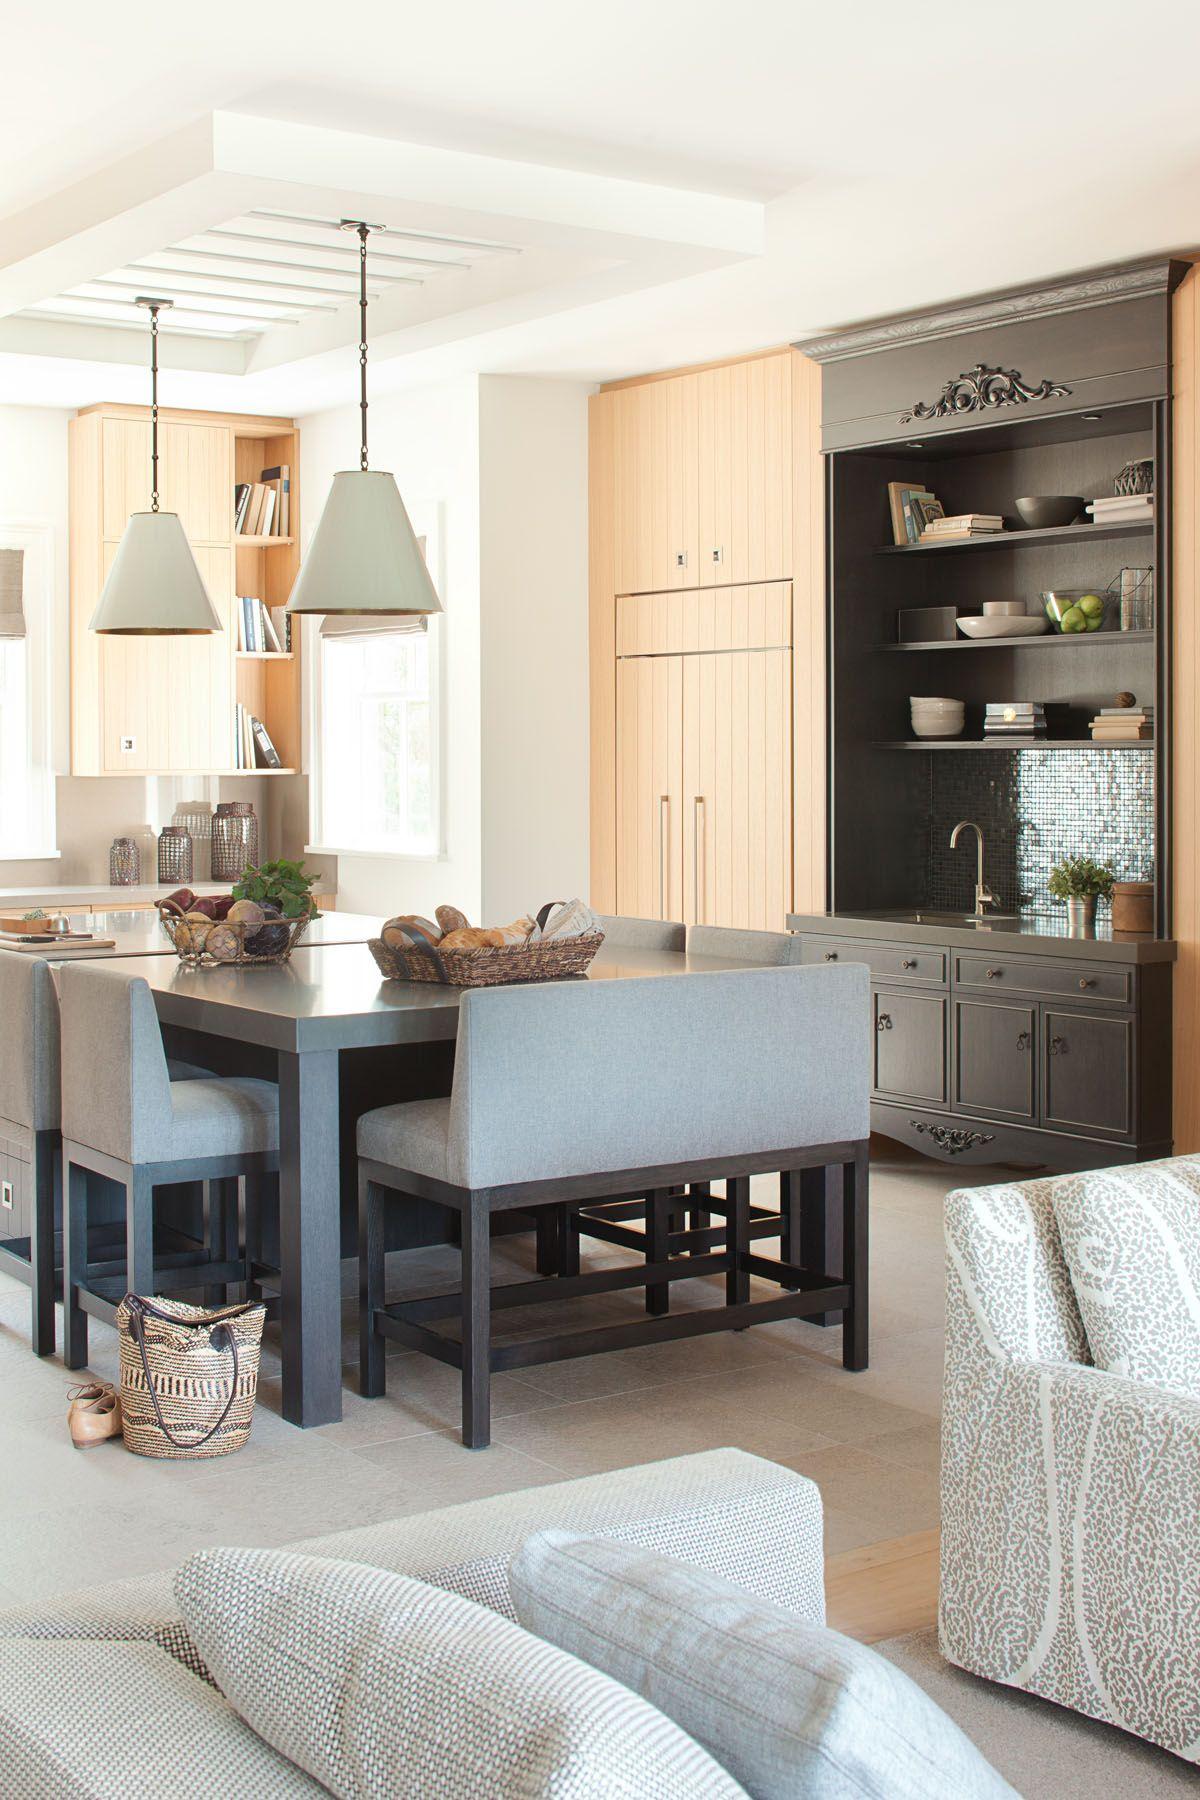 Küchenideen offen lorailstyle  wohnen  pinterest  haus einrichtung und bank esszimmer